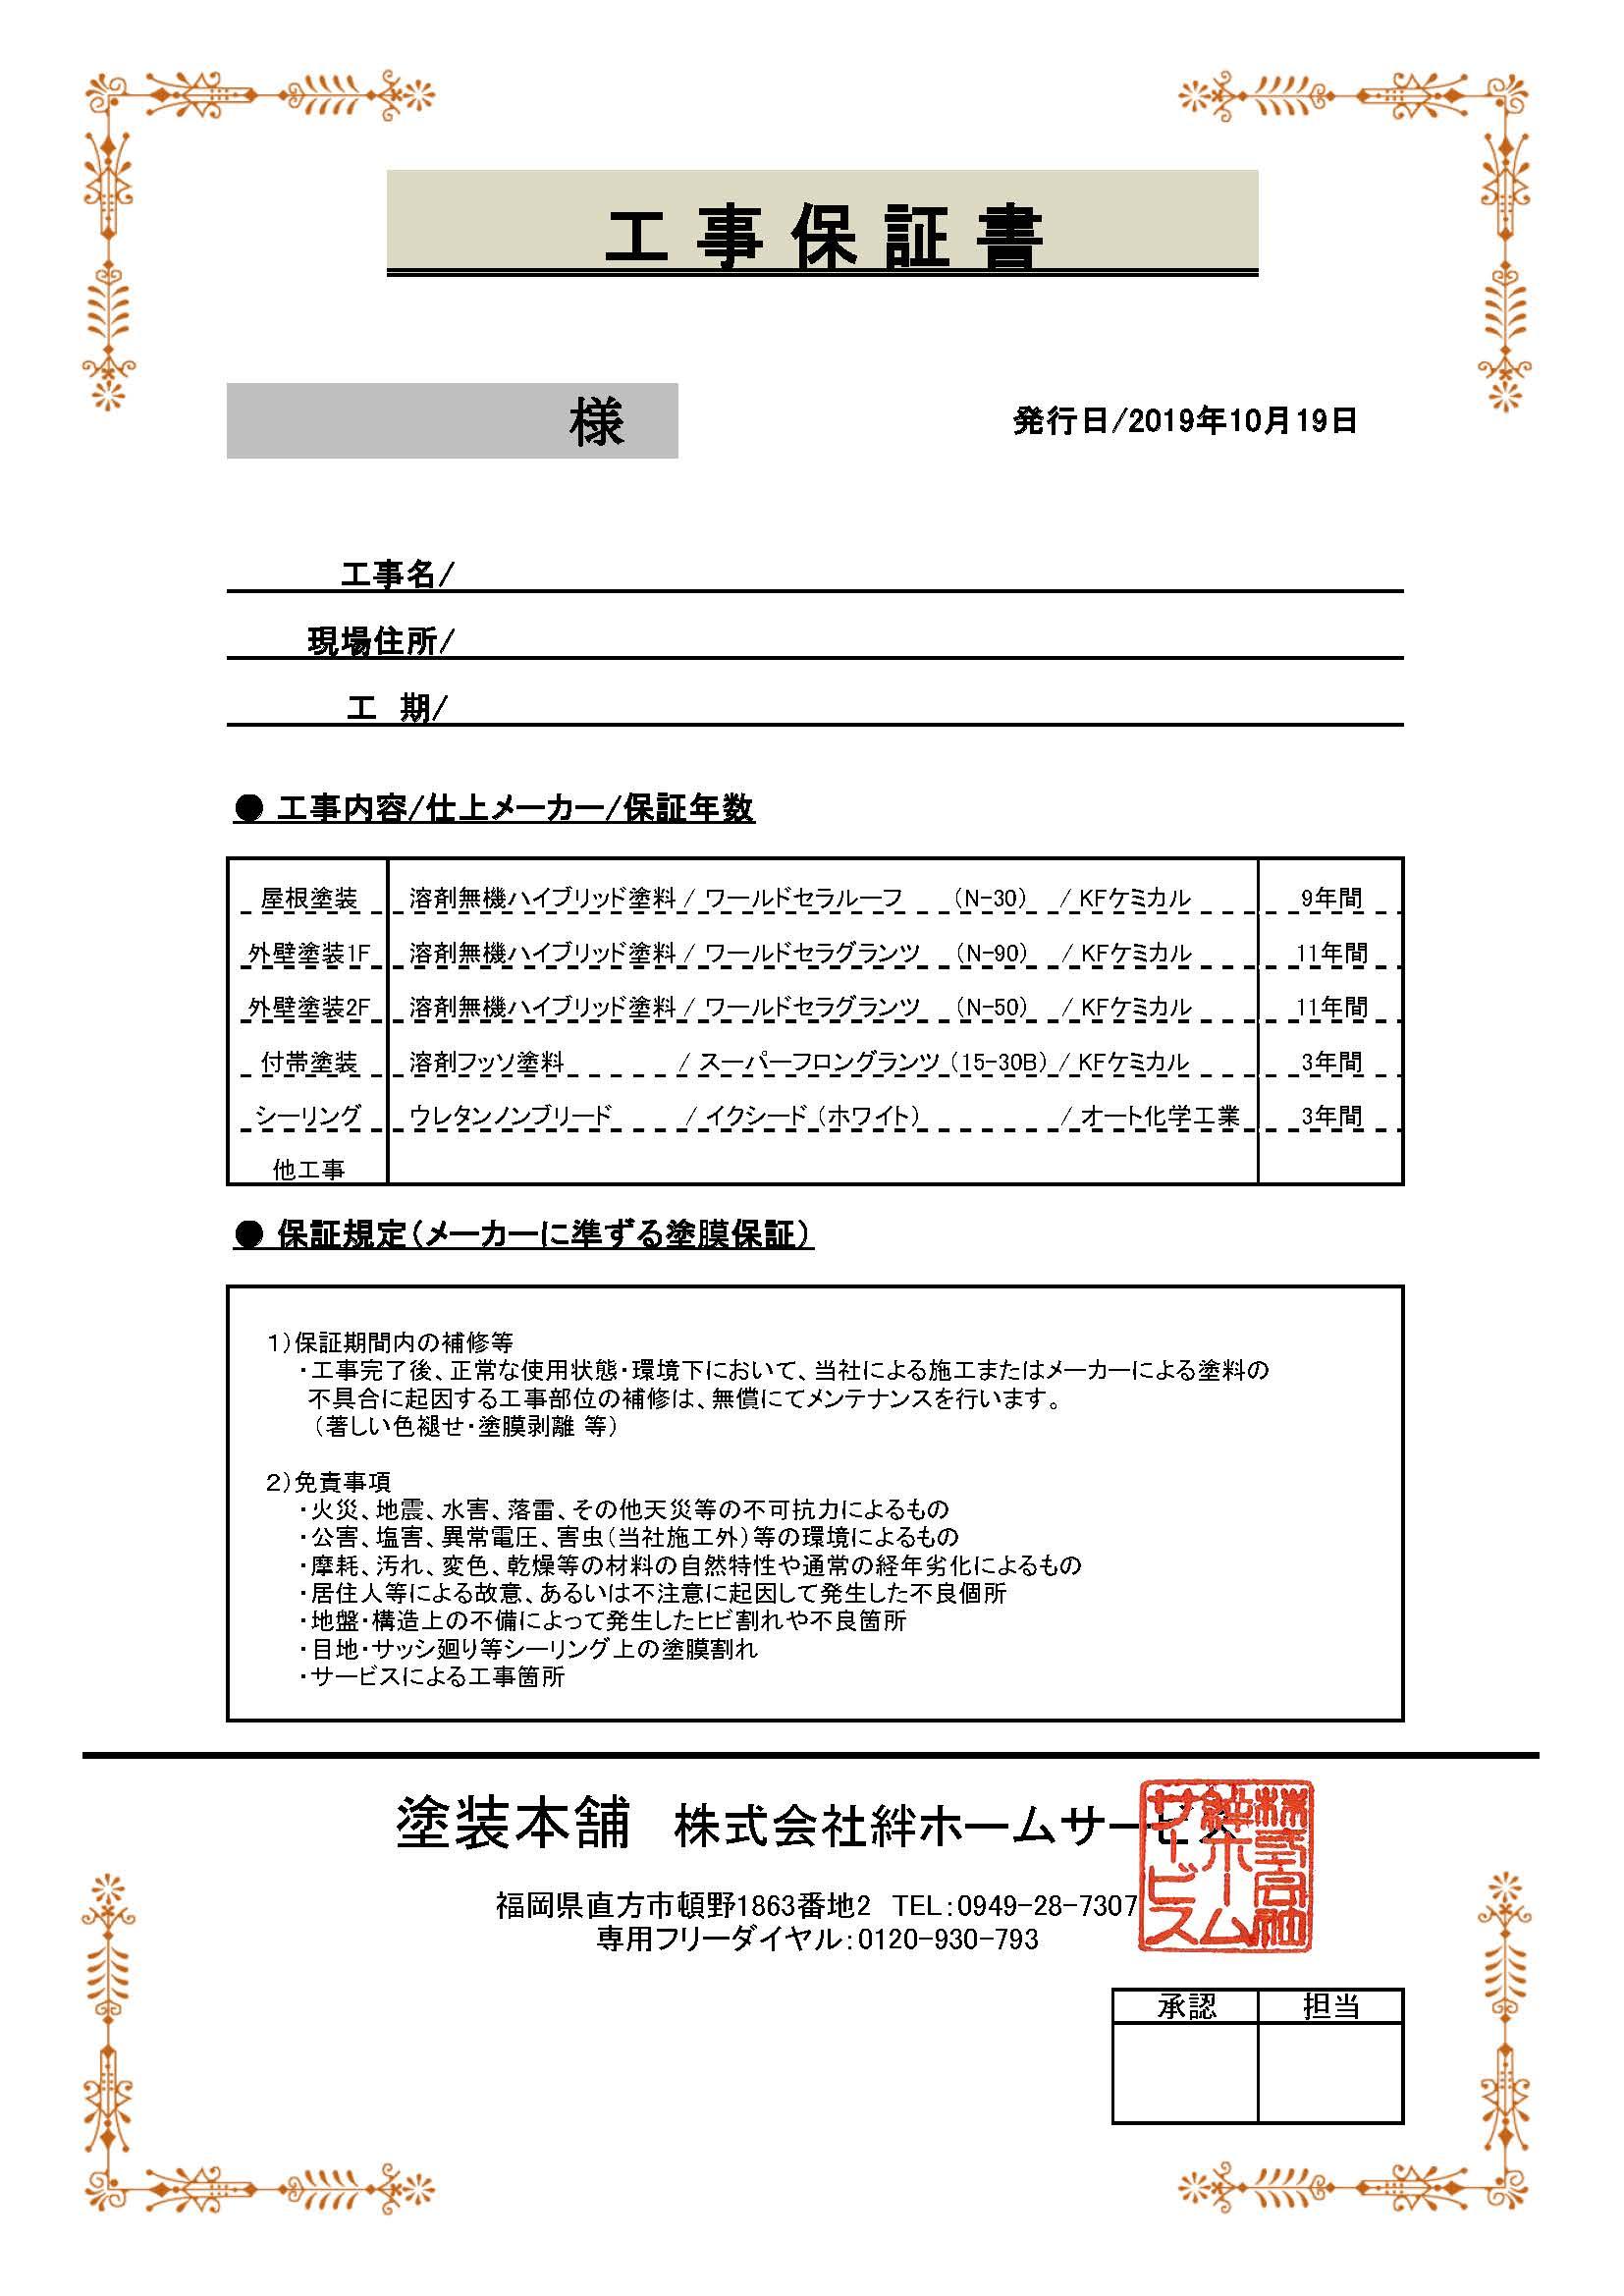 工事写真アルバム・保証書提出 / ご請求